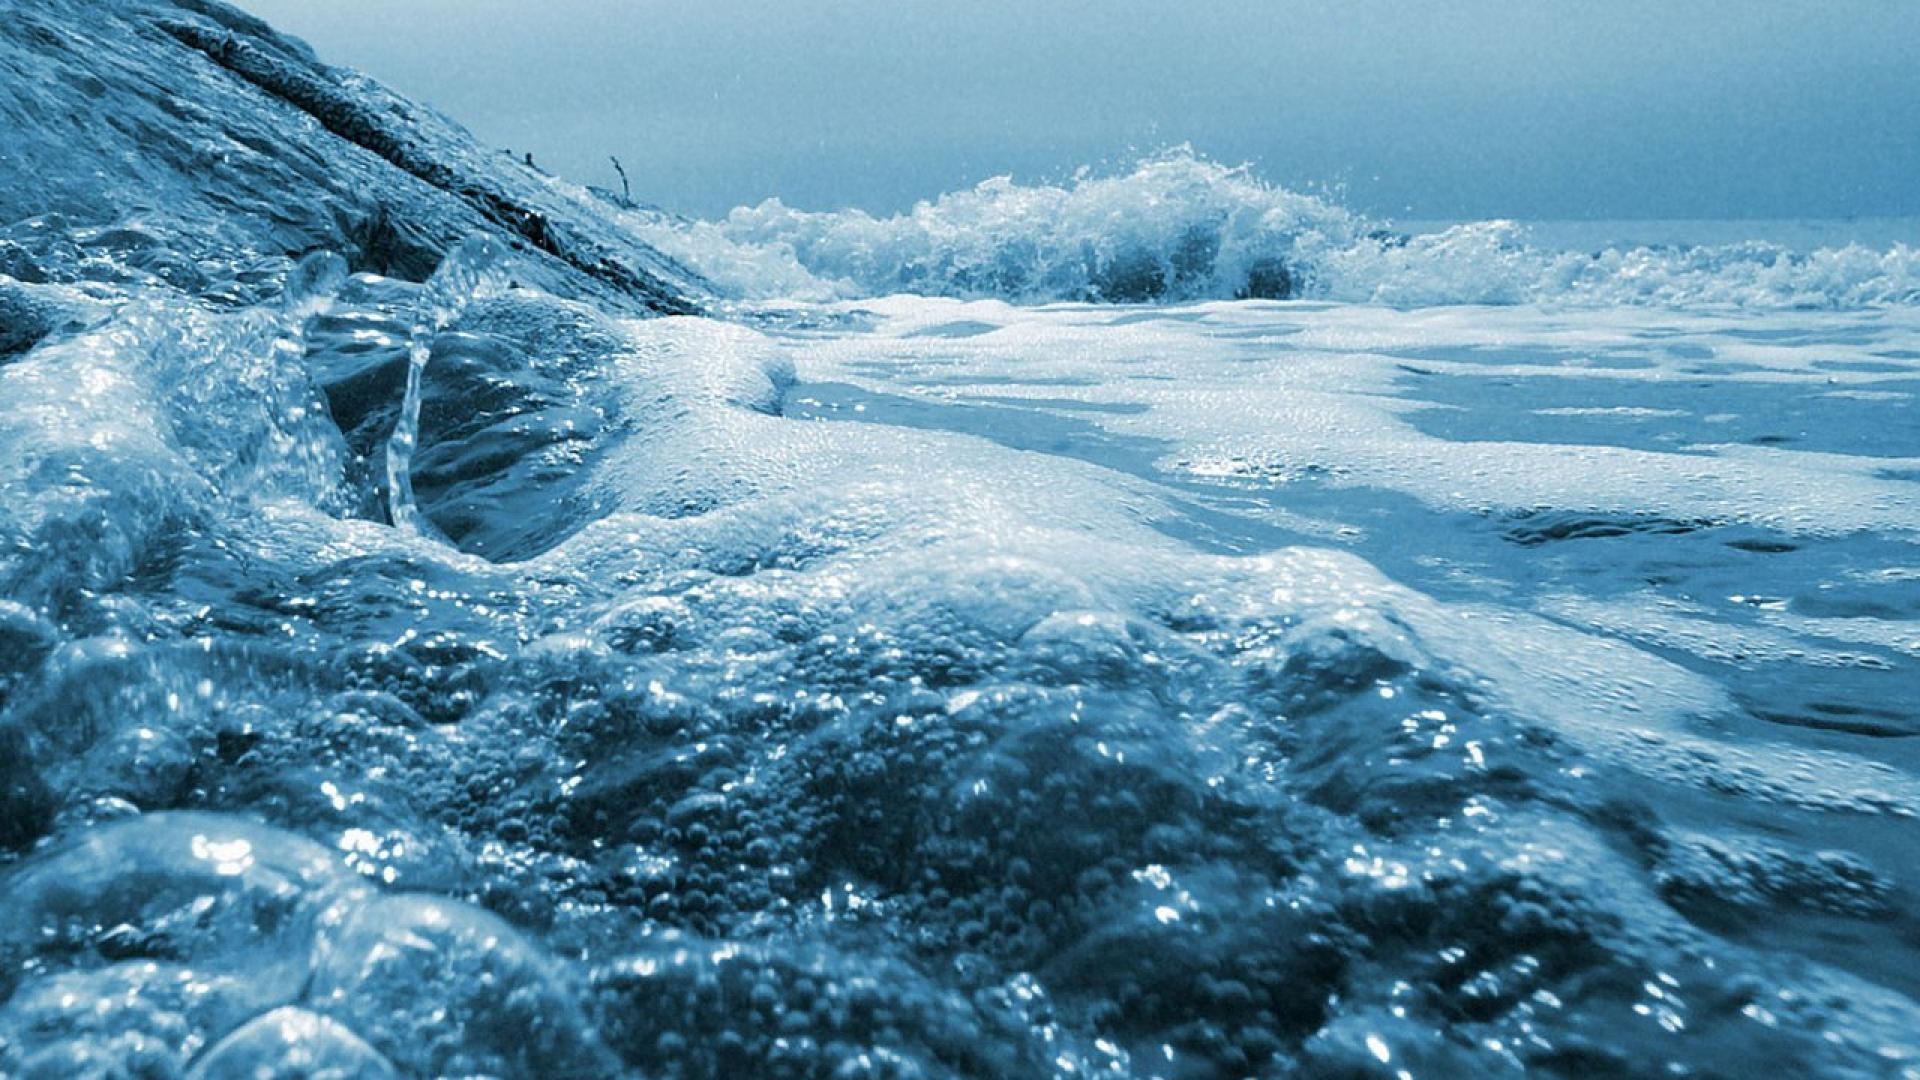 Desktop Backgrounds Beach Waves